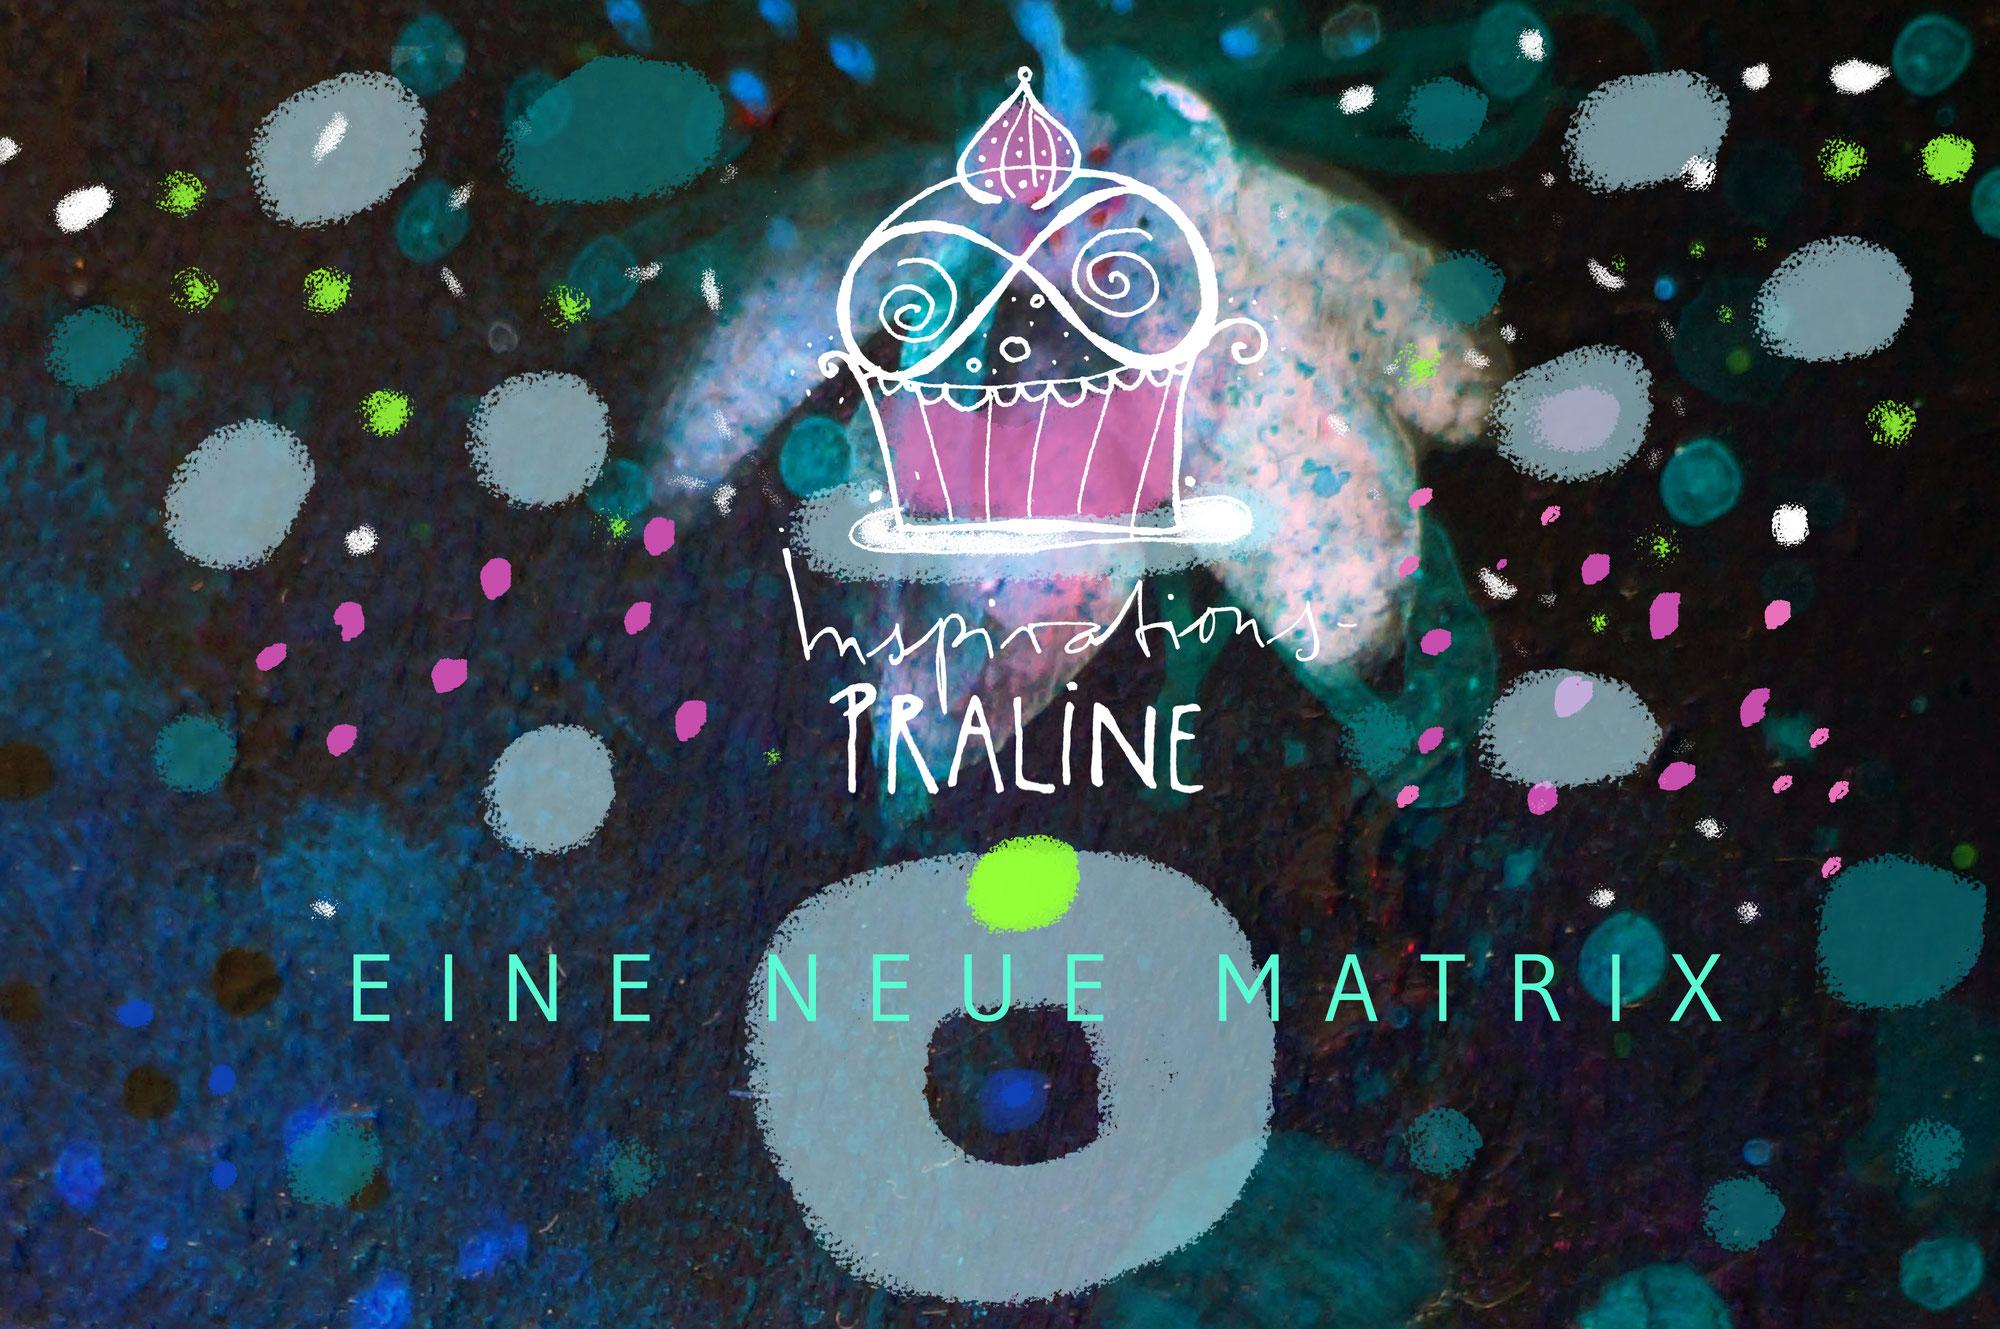 Praline 25 - Eine neue Matrix